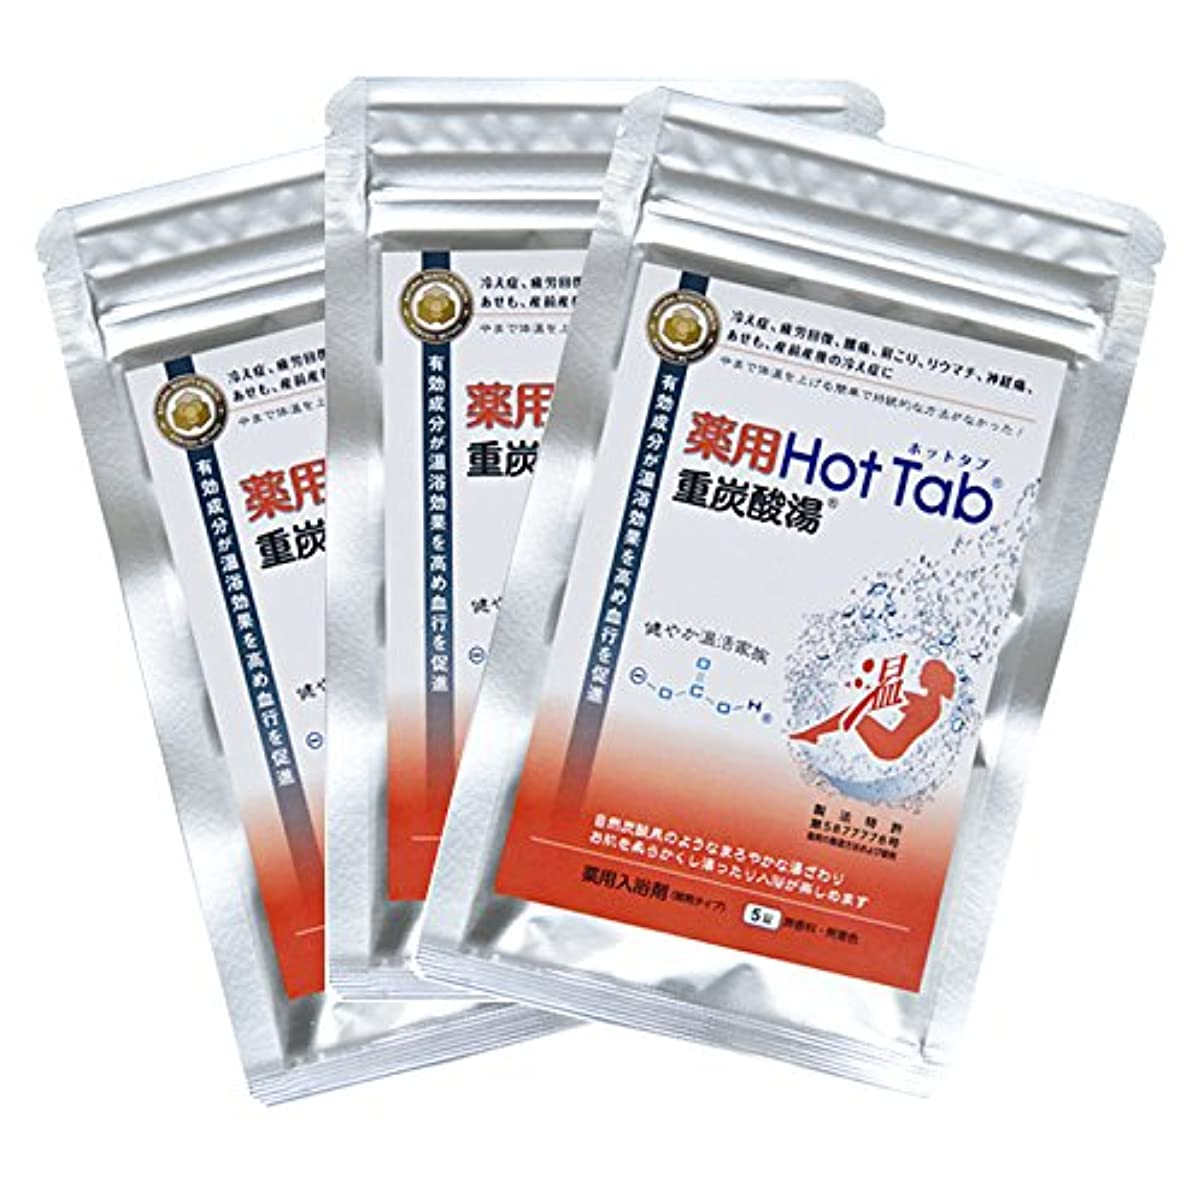 のぞき見ハッチバッジ薬用 Hot Tab 重炭酸湯 5錠入りx3セット